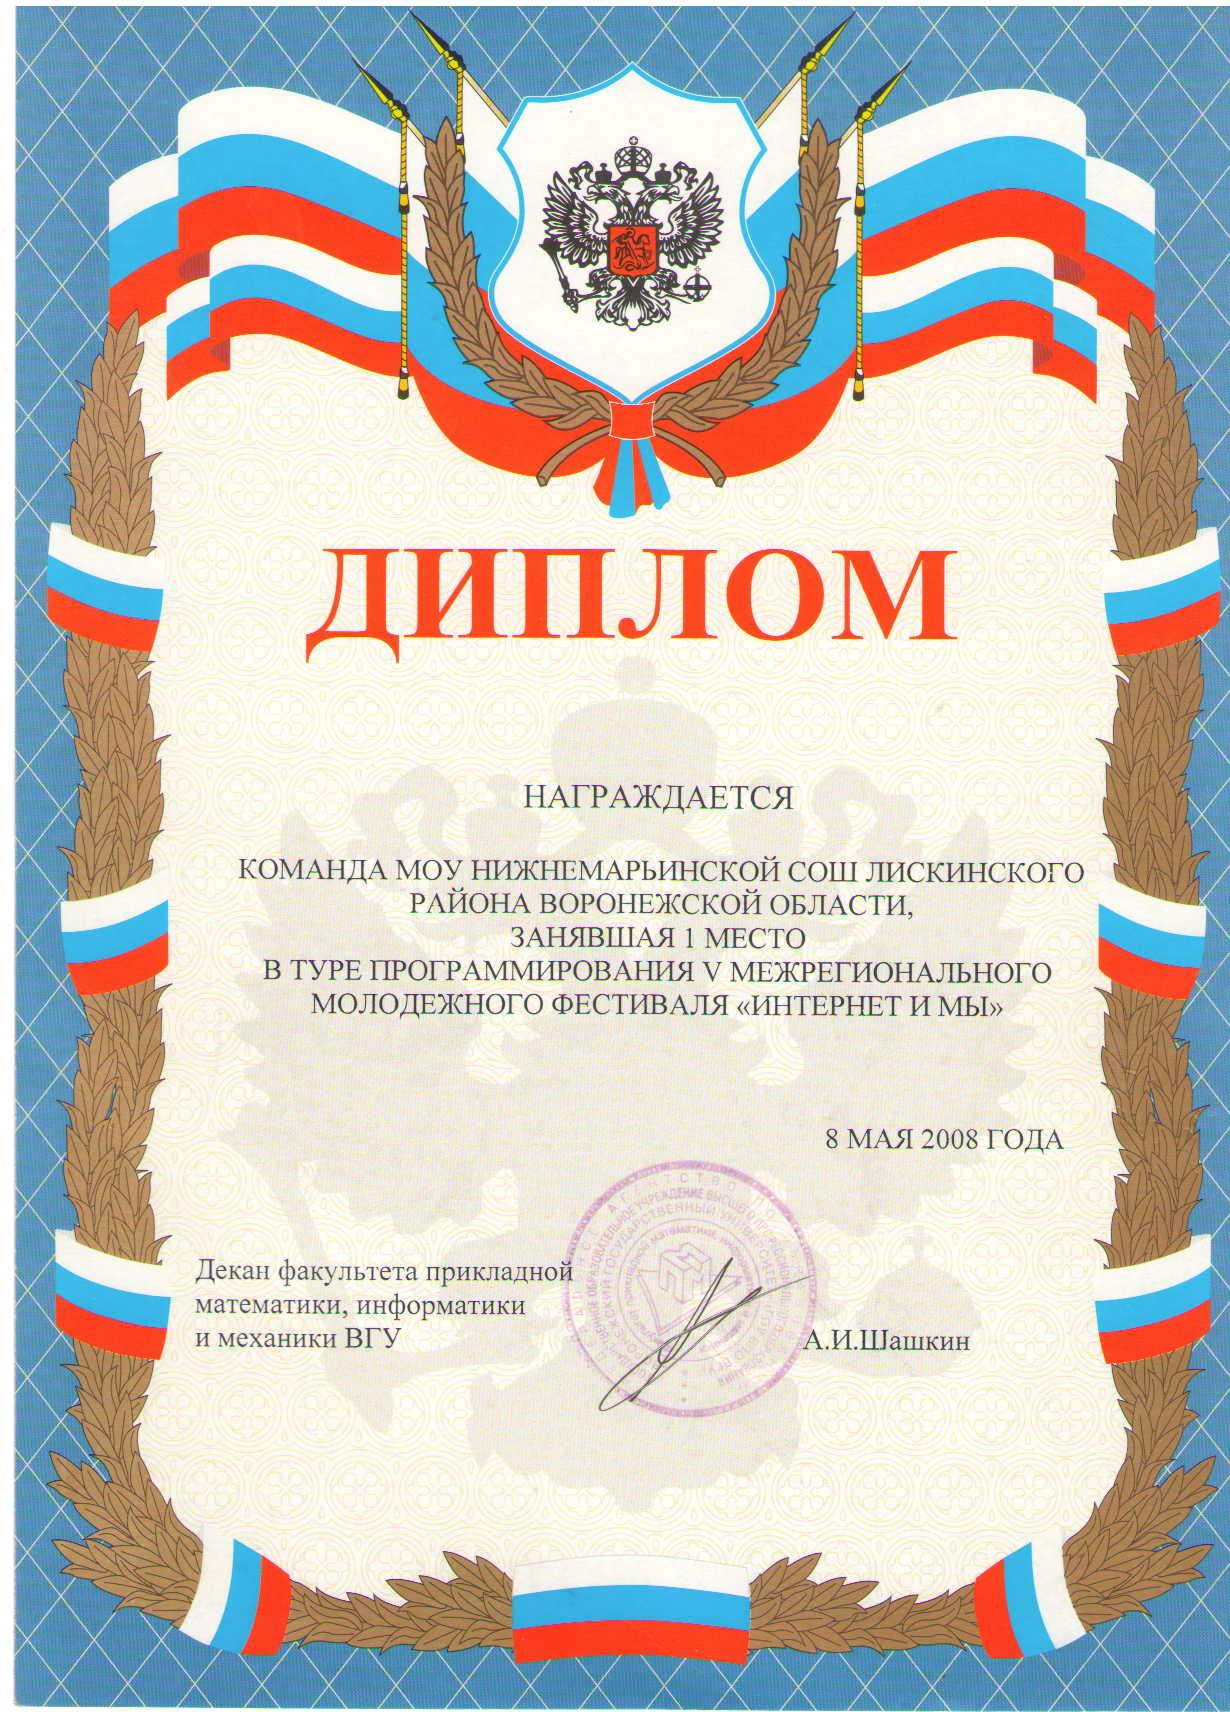 достижения Диплом ВГУ за 1 место 2008 посмотреть